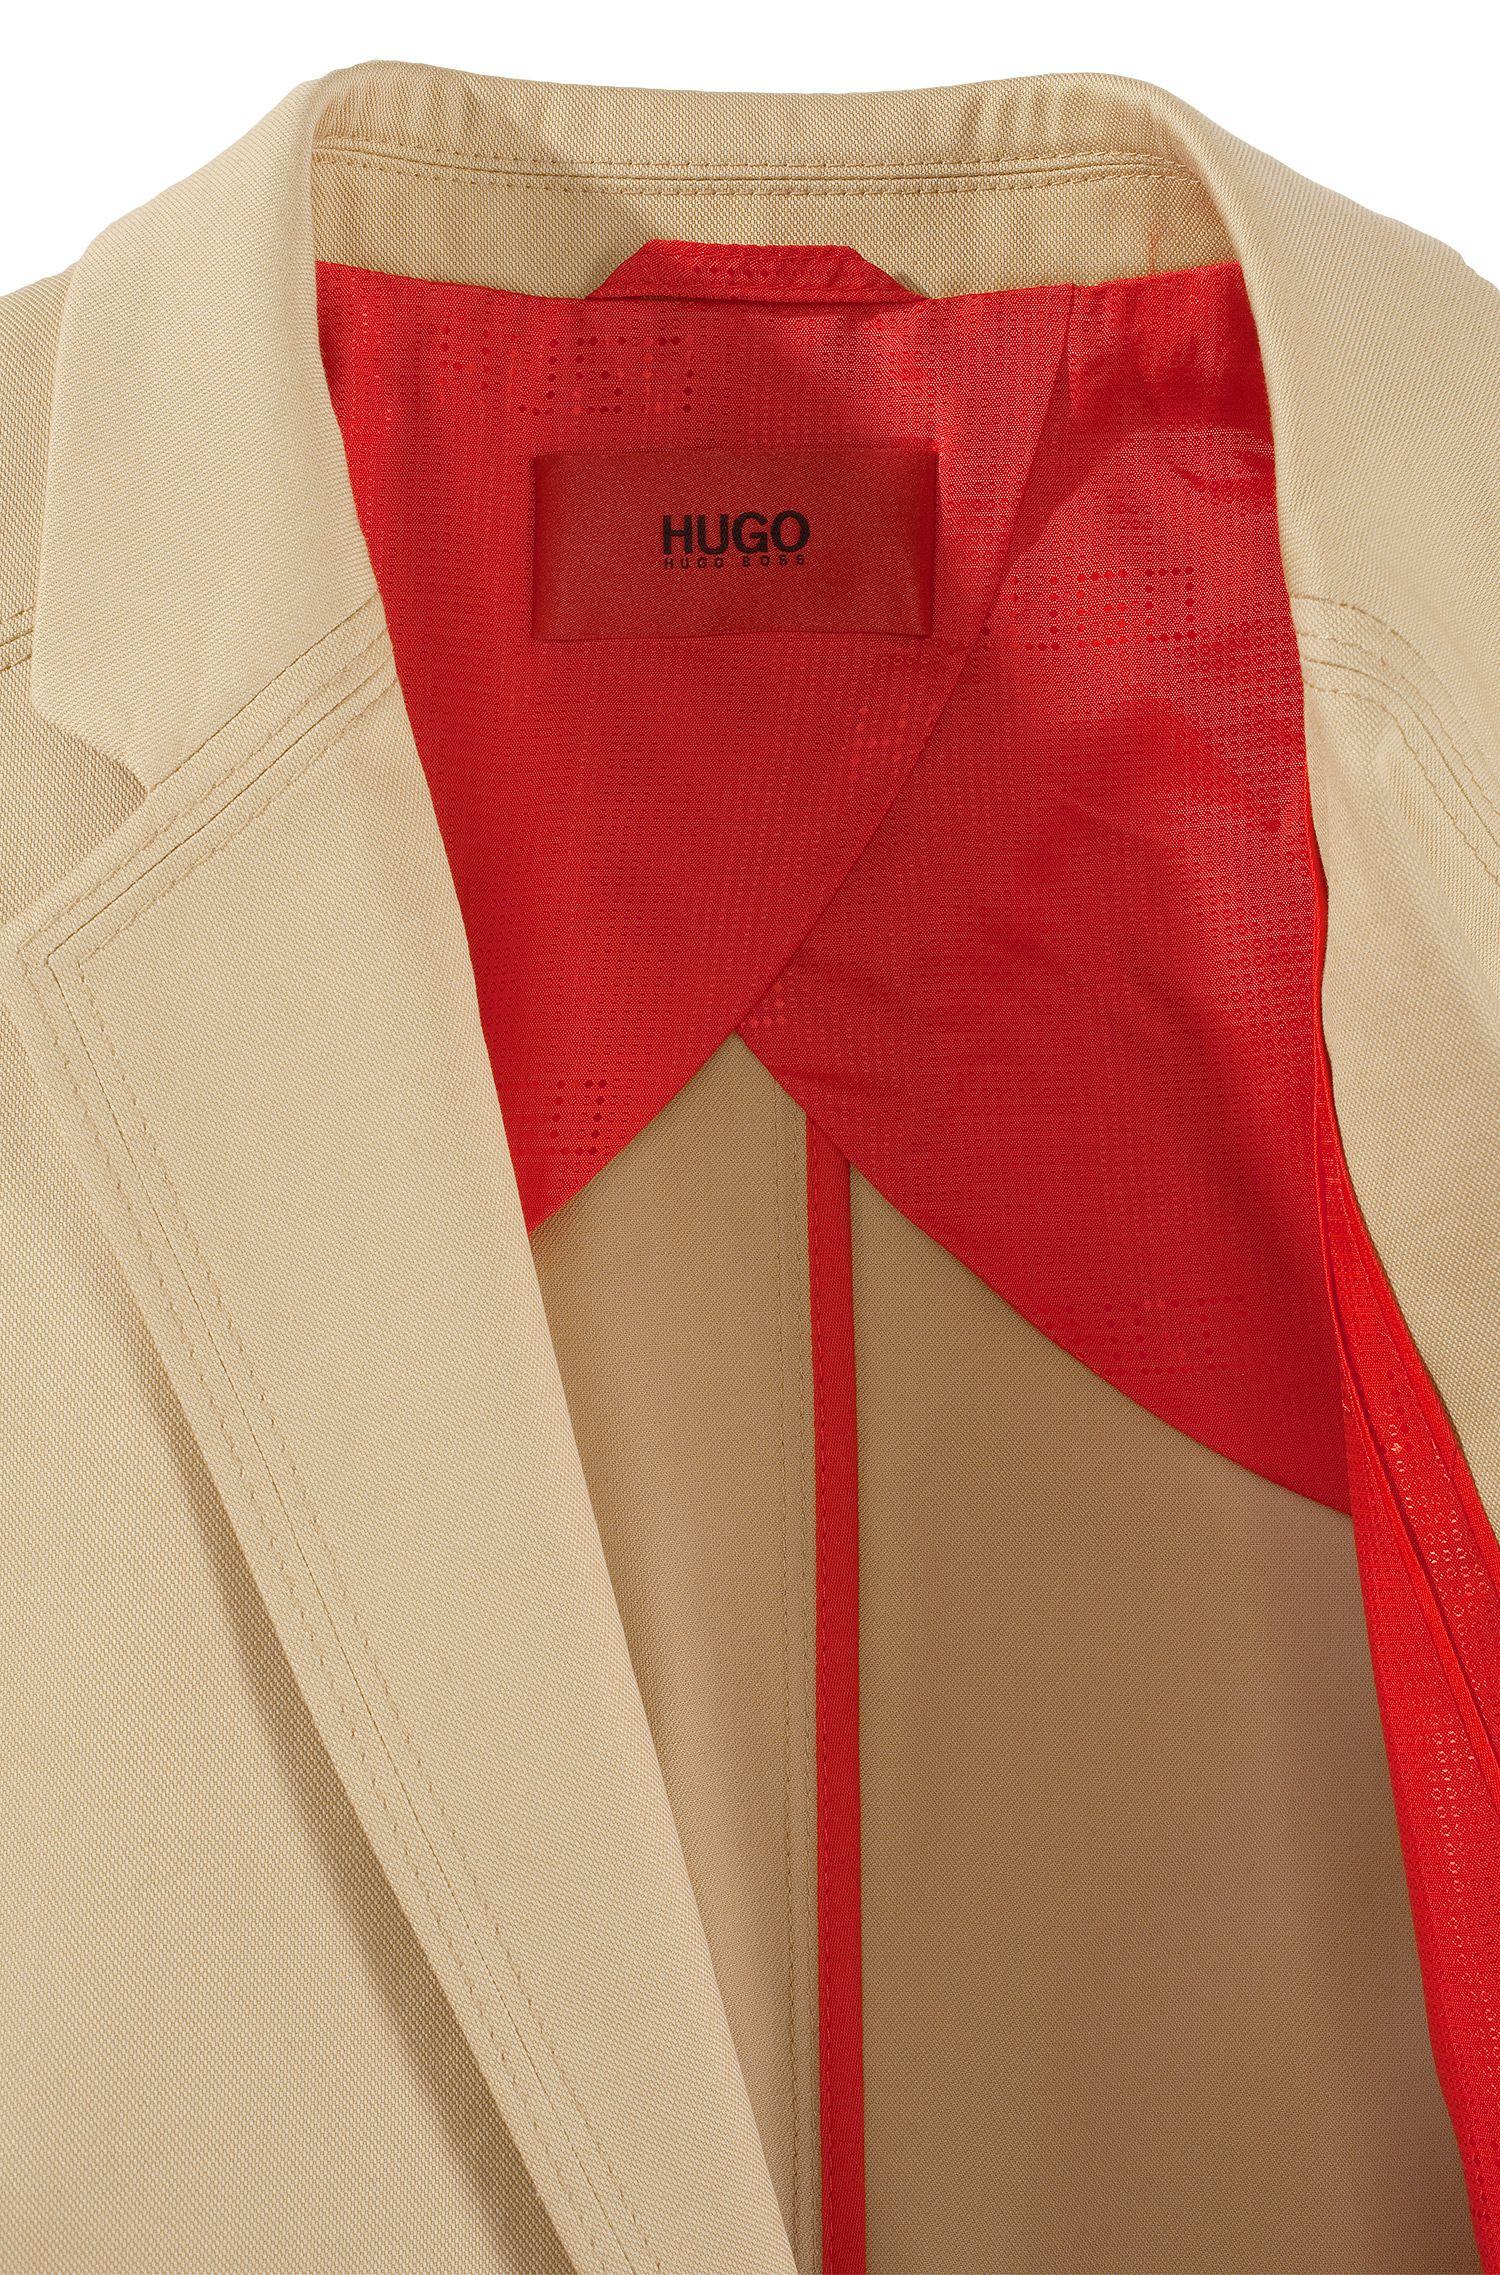 Veston HUGO, New Fashion Casual Fit, Antero